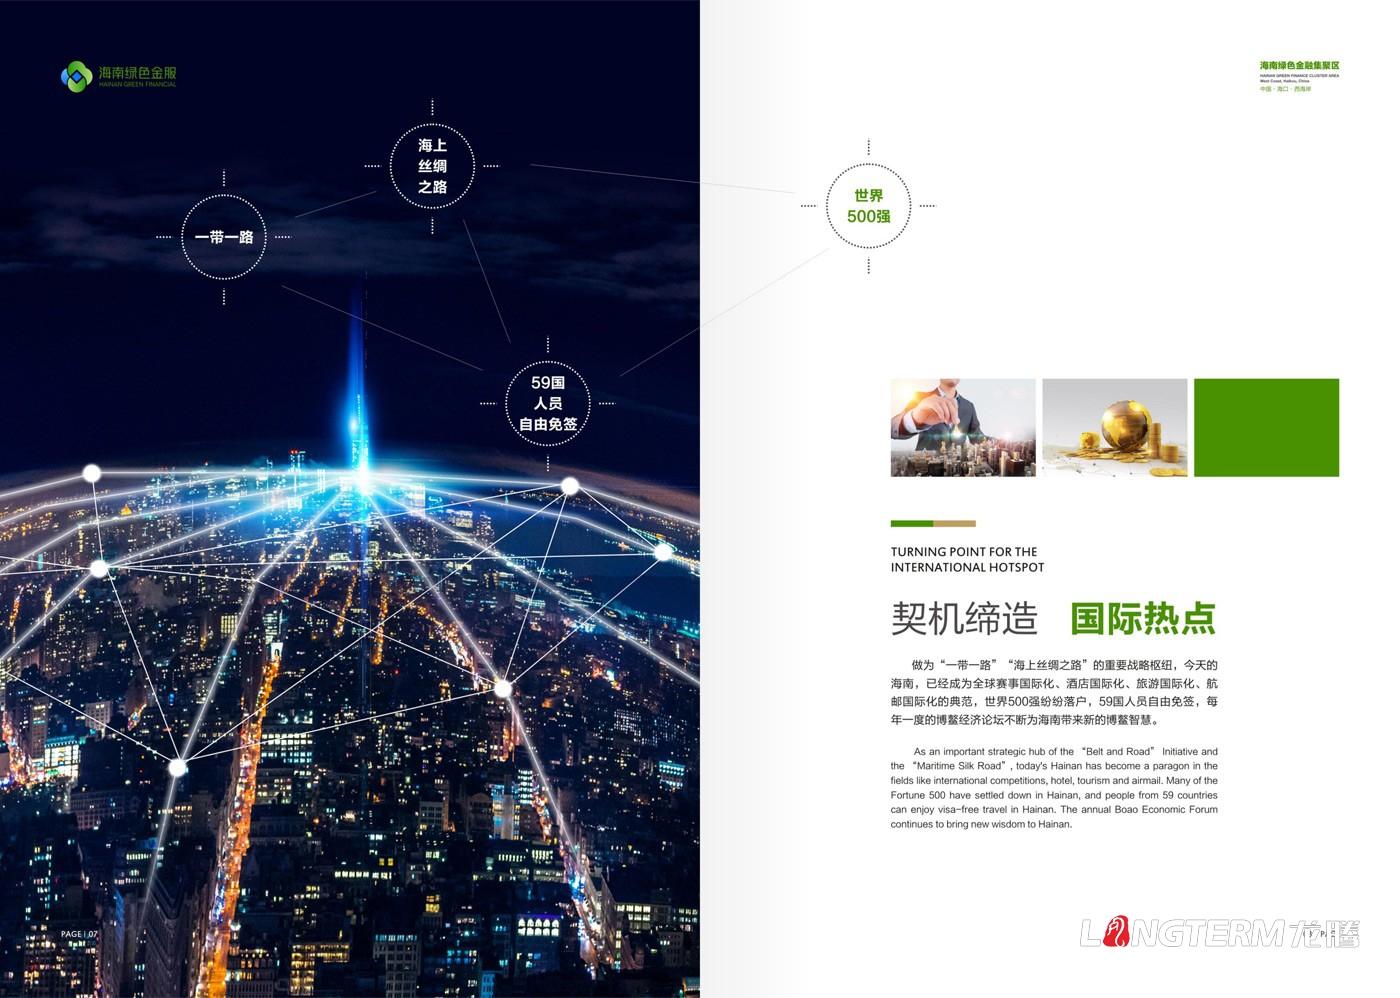 海南绿色金服公司宣传册设计_海口市绿色金服集聚区管理有限公司宣传册设计